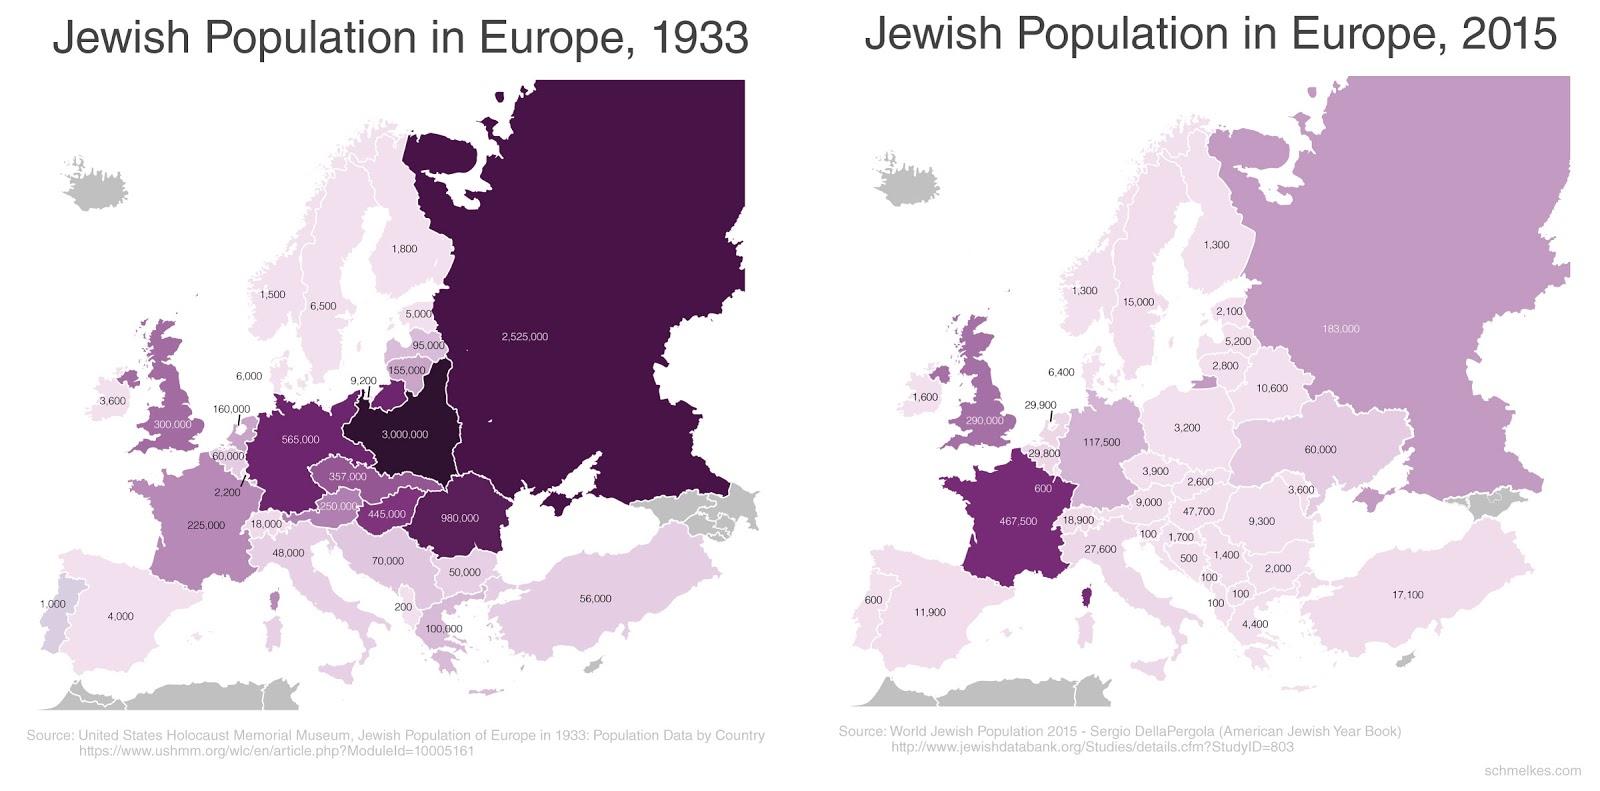 mappe, continente europeo in colori diversi